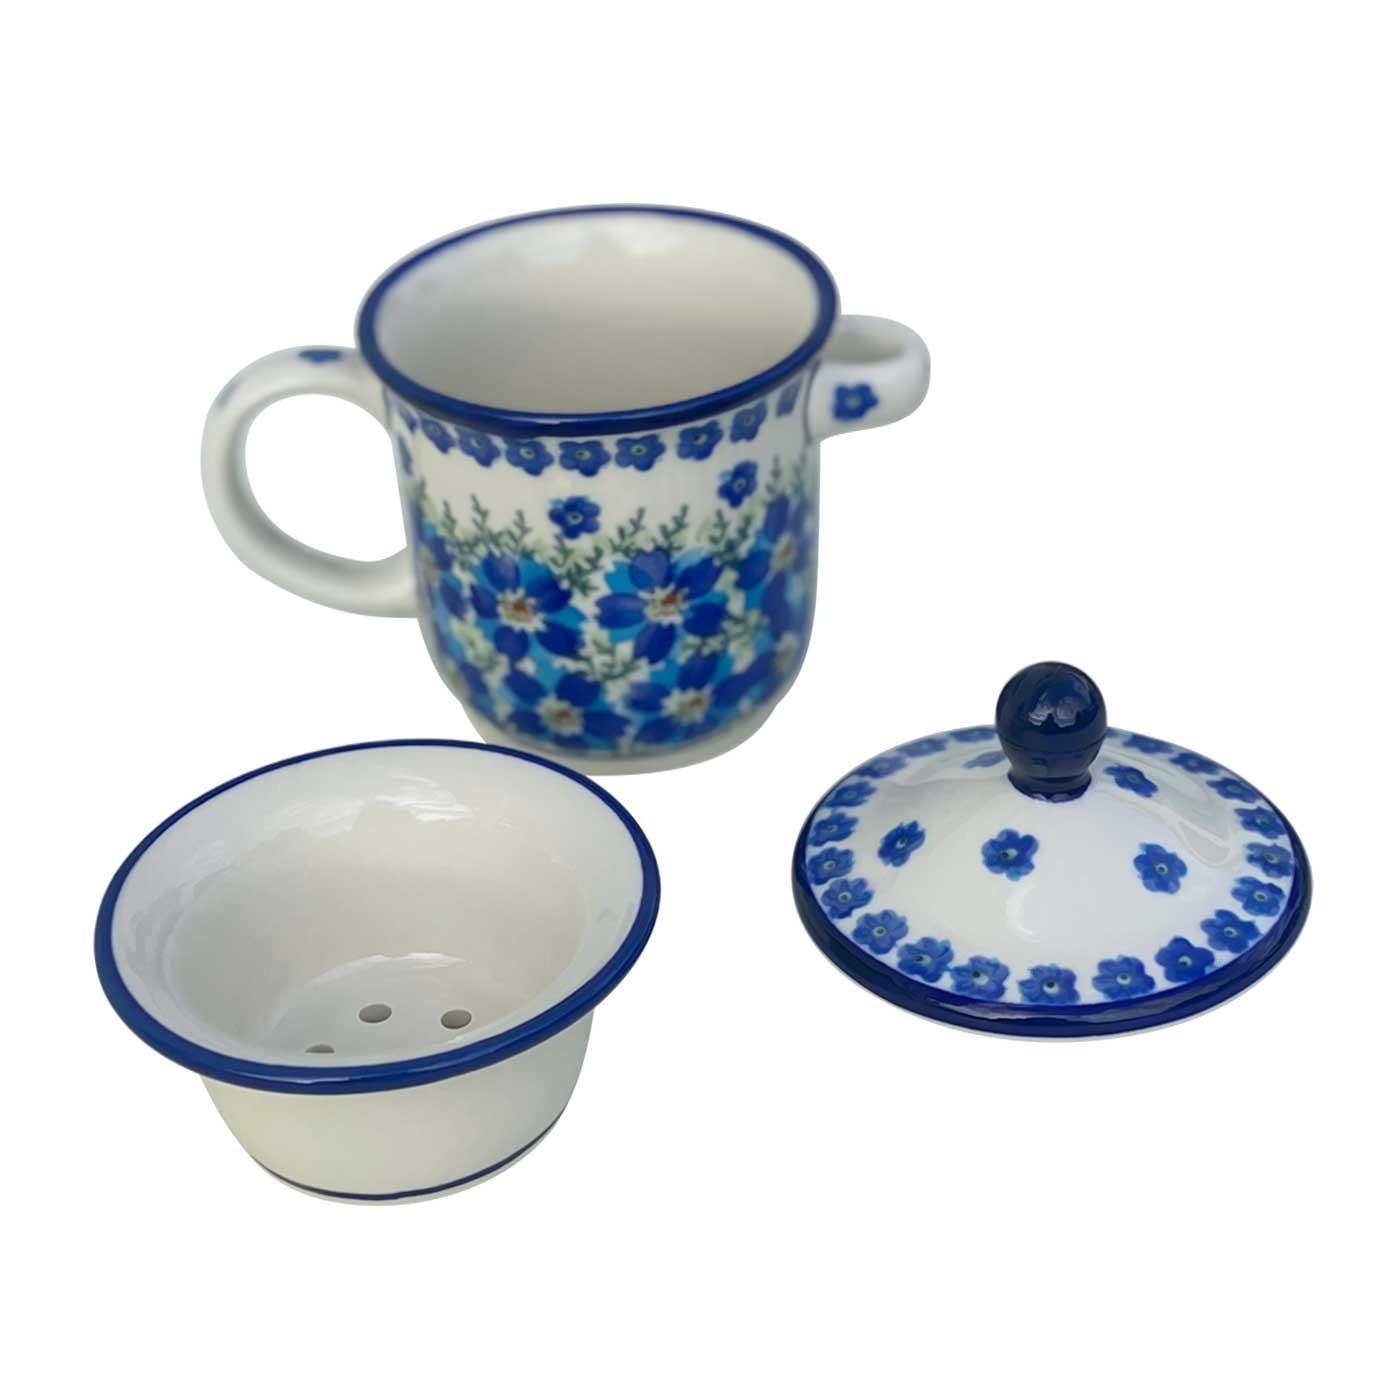 Pottery Avenue 12-oz Stoneware Standard Infuser Mug - 1105-DU233 MOD FLORAL